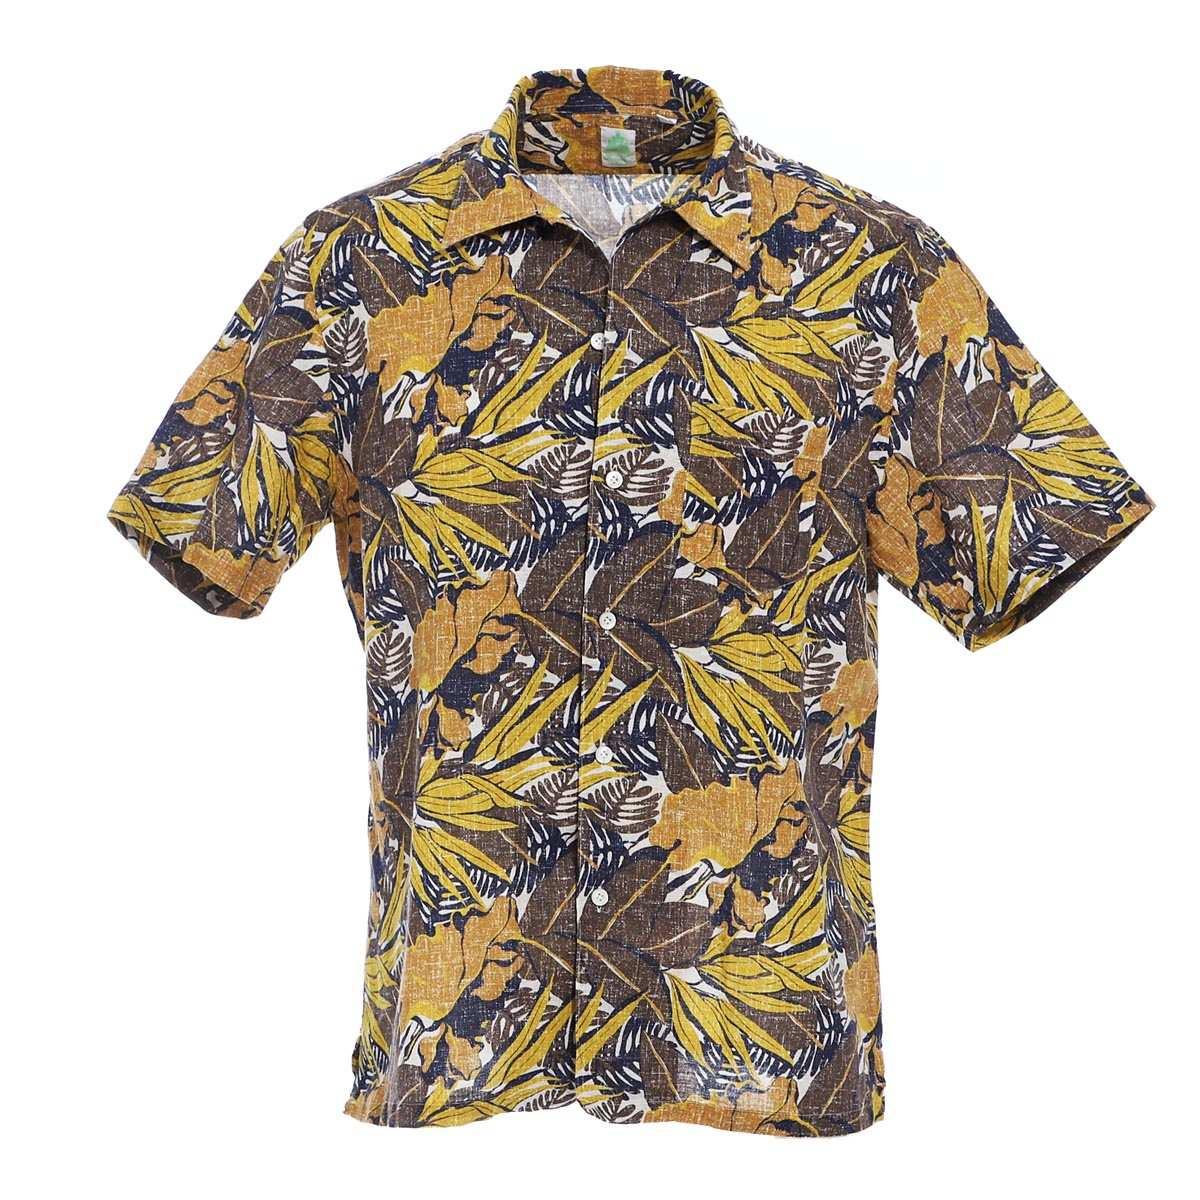 フィナモレ FINAMORE オープンカラーシャツ イエロー メンズ bart 940303 p2108 02 BART バルト【あす楽対応_関東】【返品送料無料】【ラッピング無料】